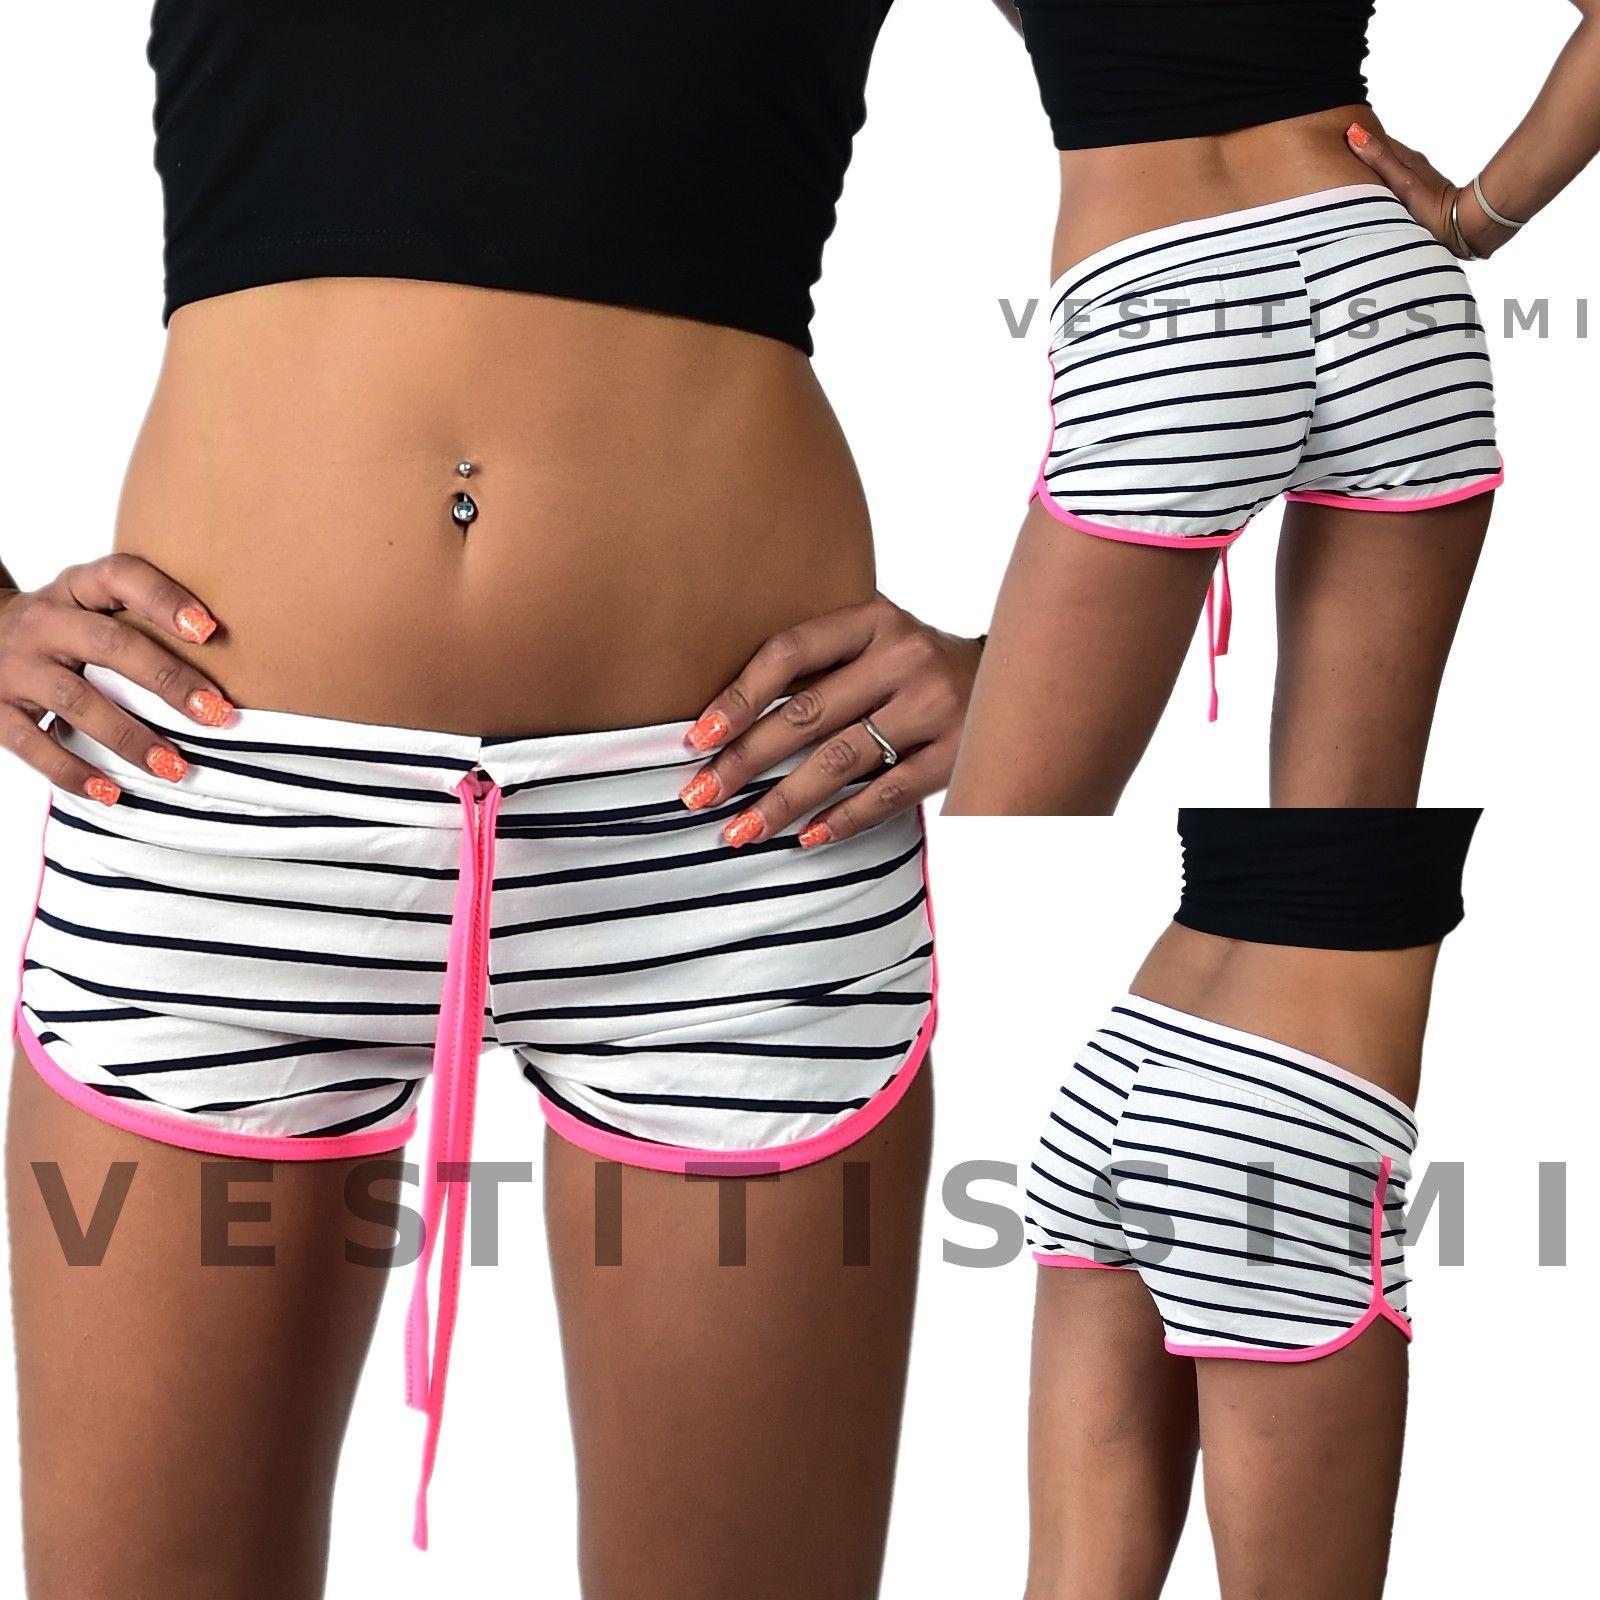 nuovo di zecca 855e7 93e56 Pin su Pantaloncini sportivi donna corti shorts fitness ...